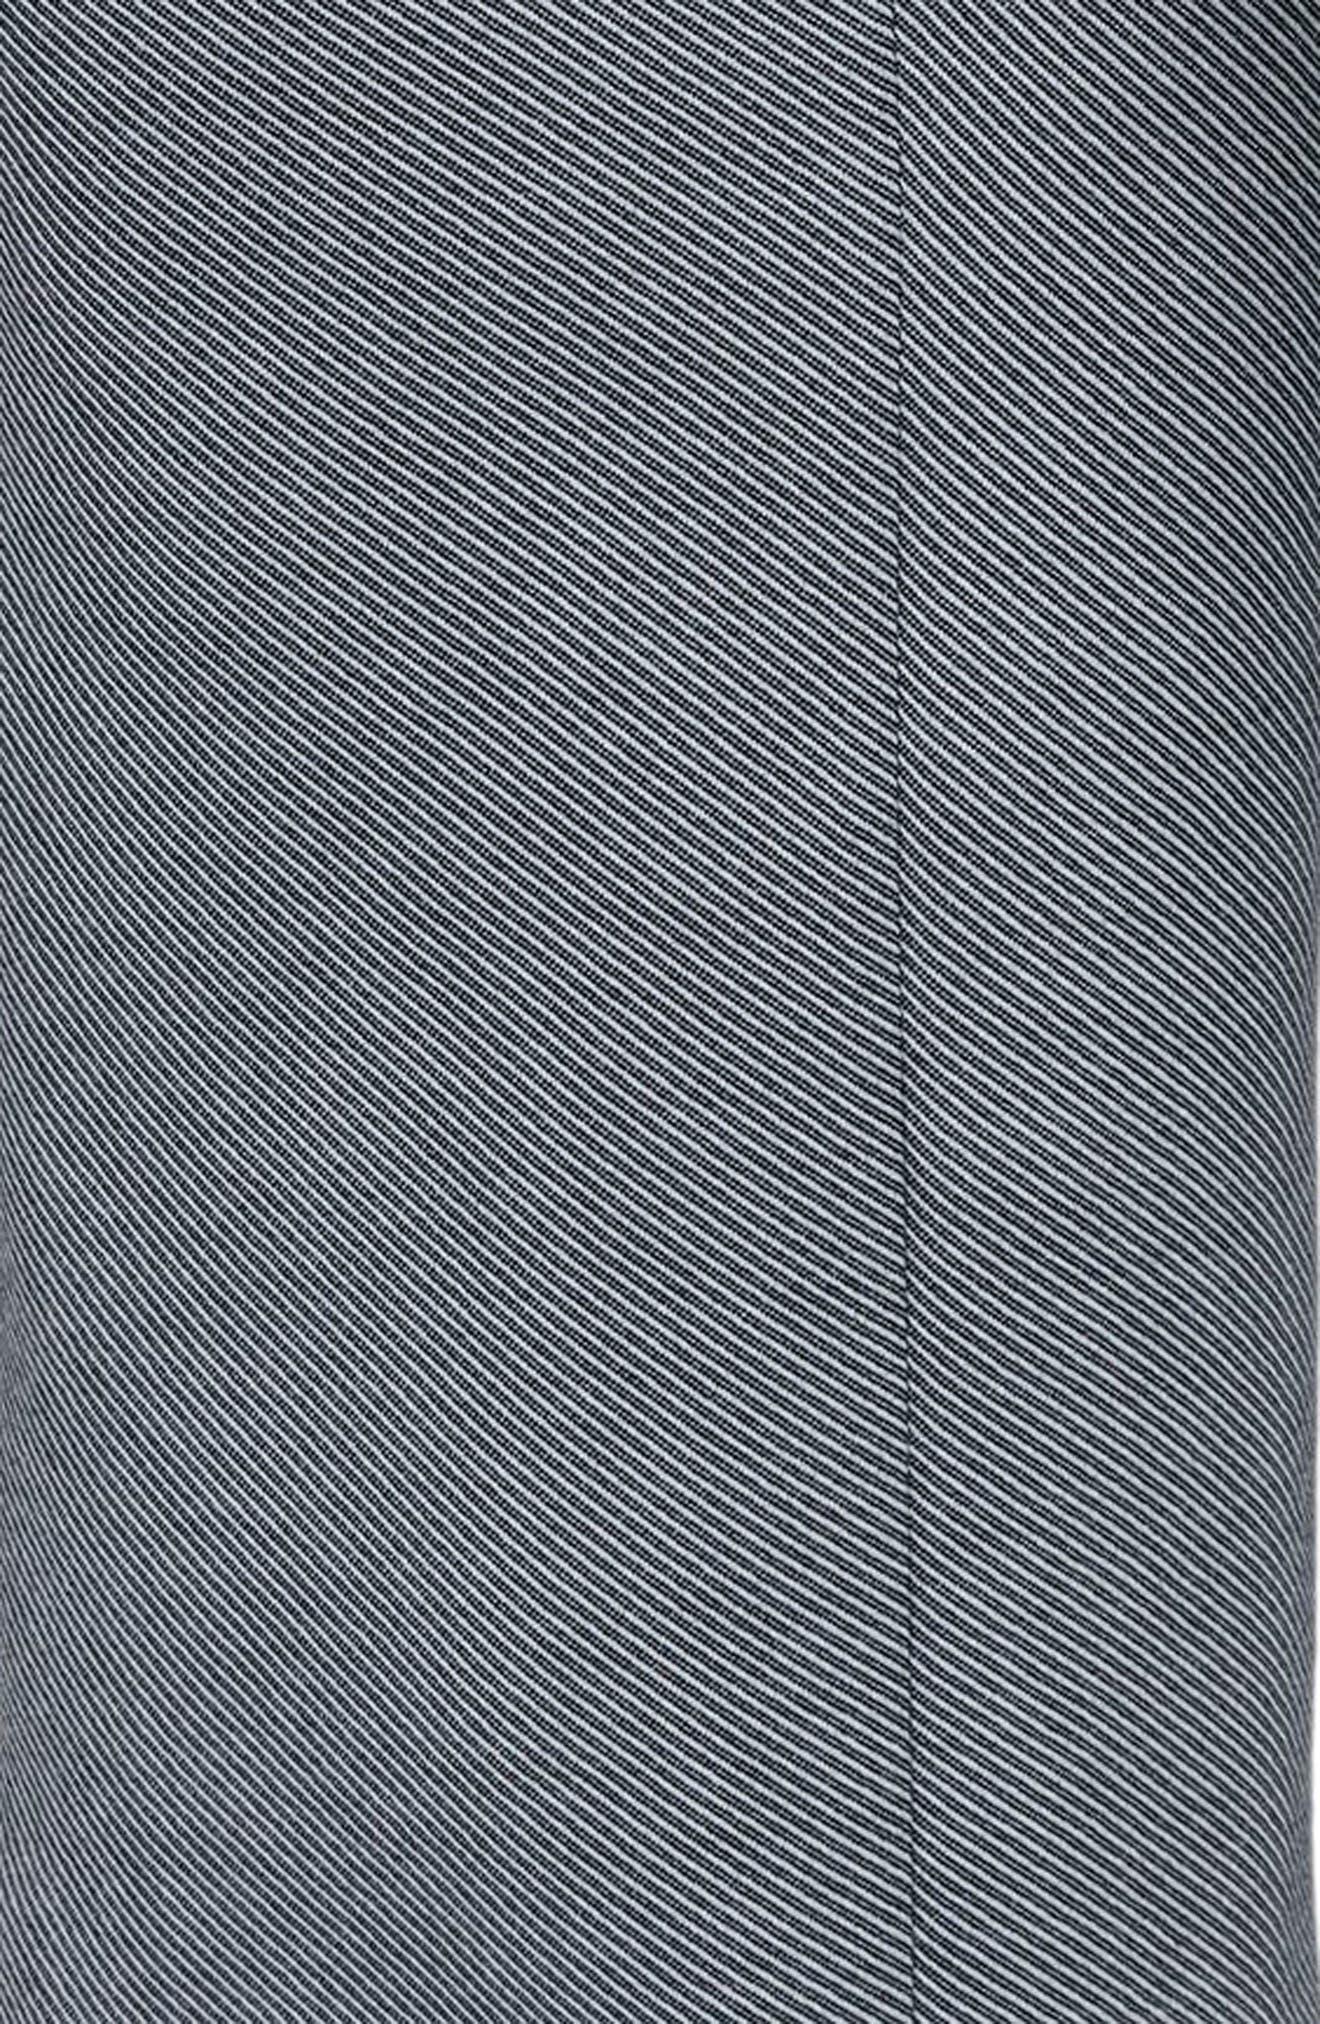 Drawstring Technical Pants,                             Alternate thumbnail 8, color,                             Black/ Black